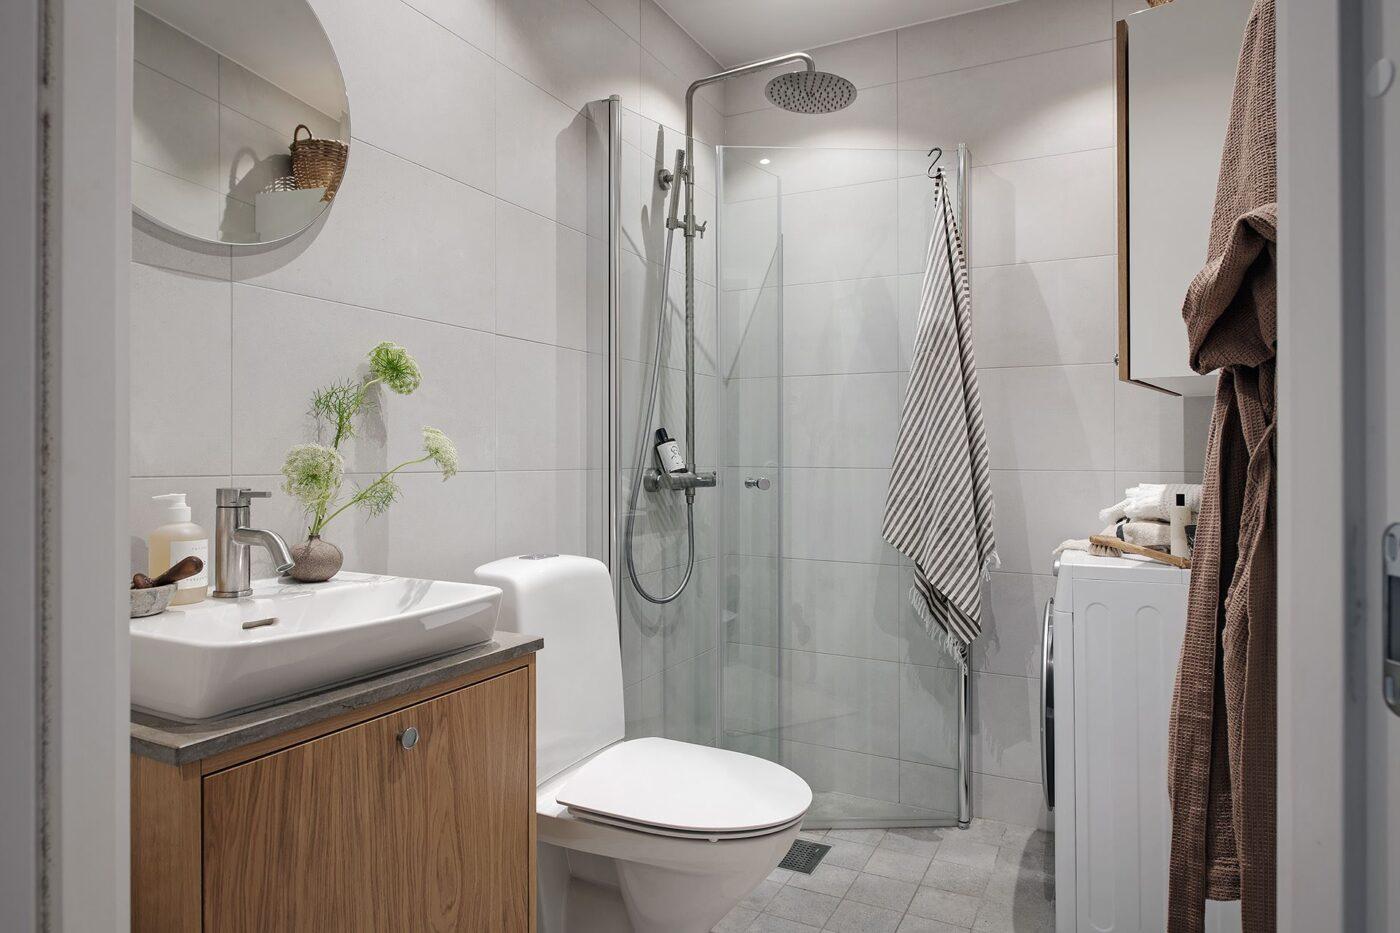 5_pequenos_arreglos_mejorar_aspecto_casa_decoración_interiores_soluciones_decorativas-03